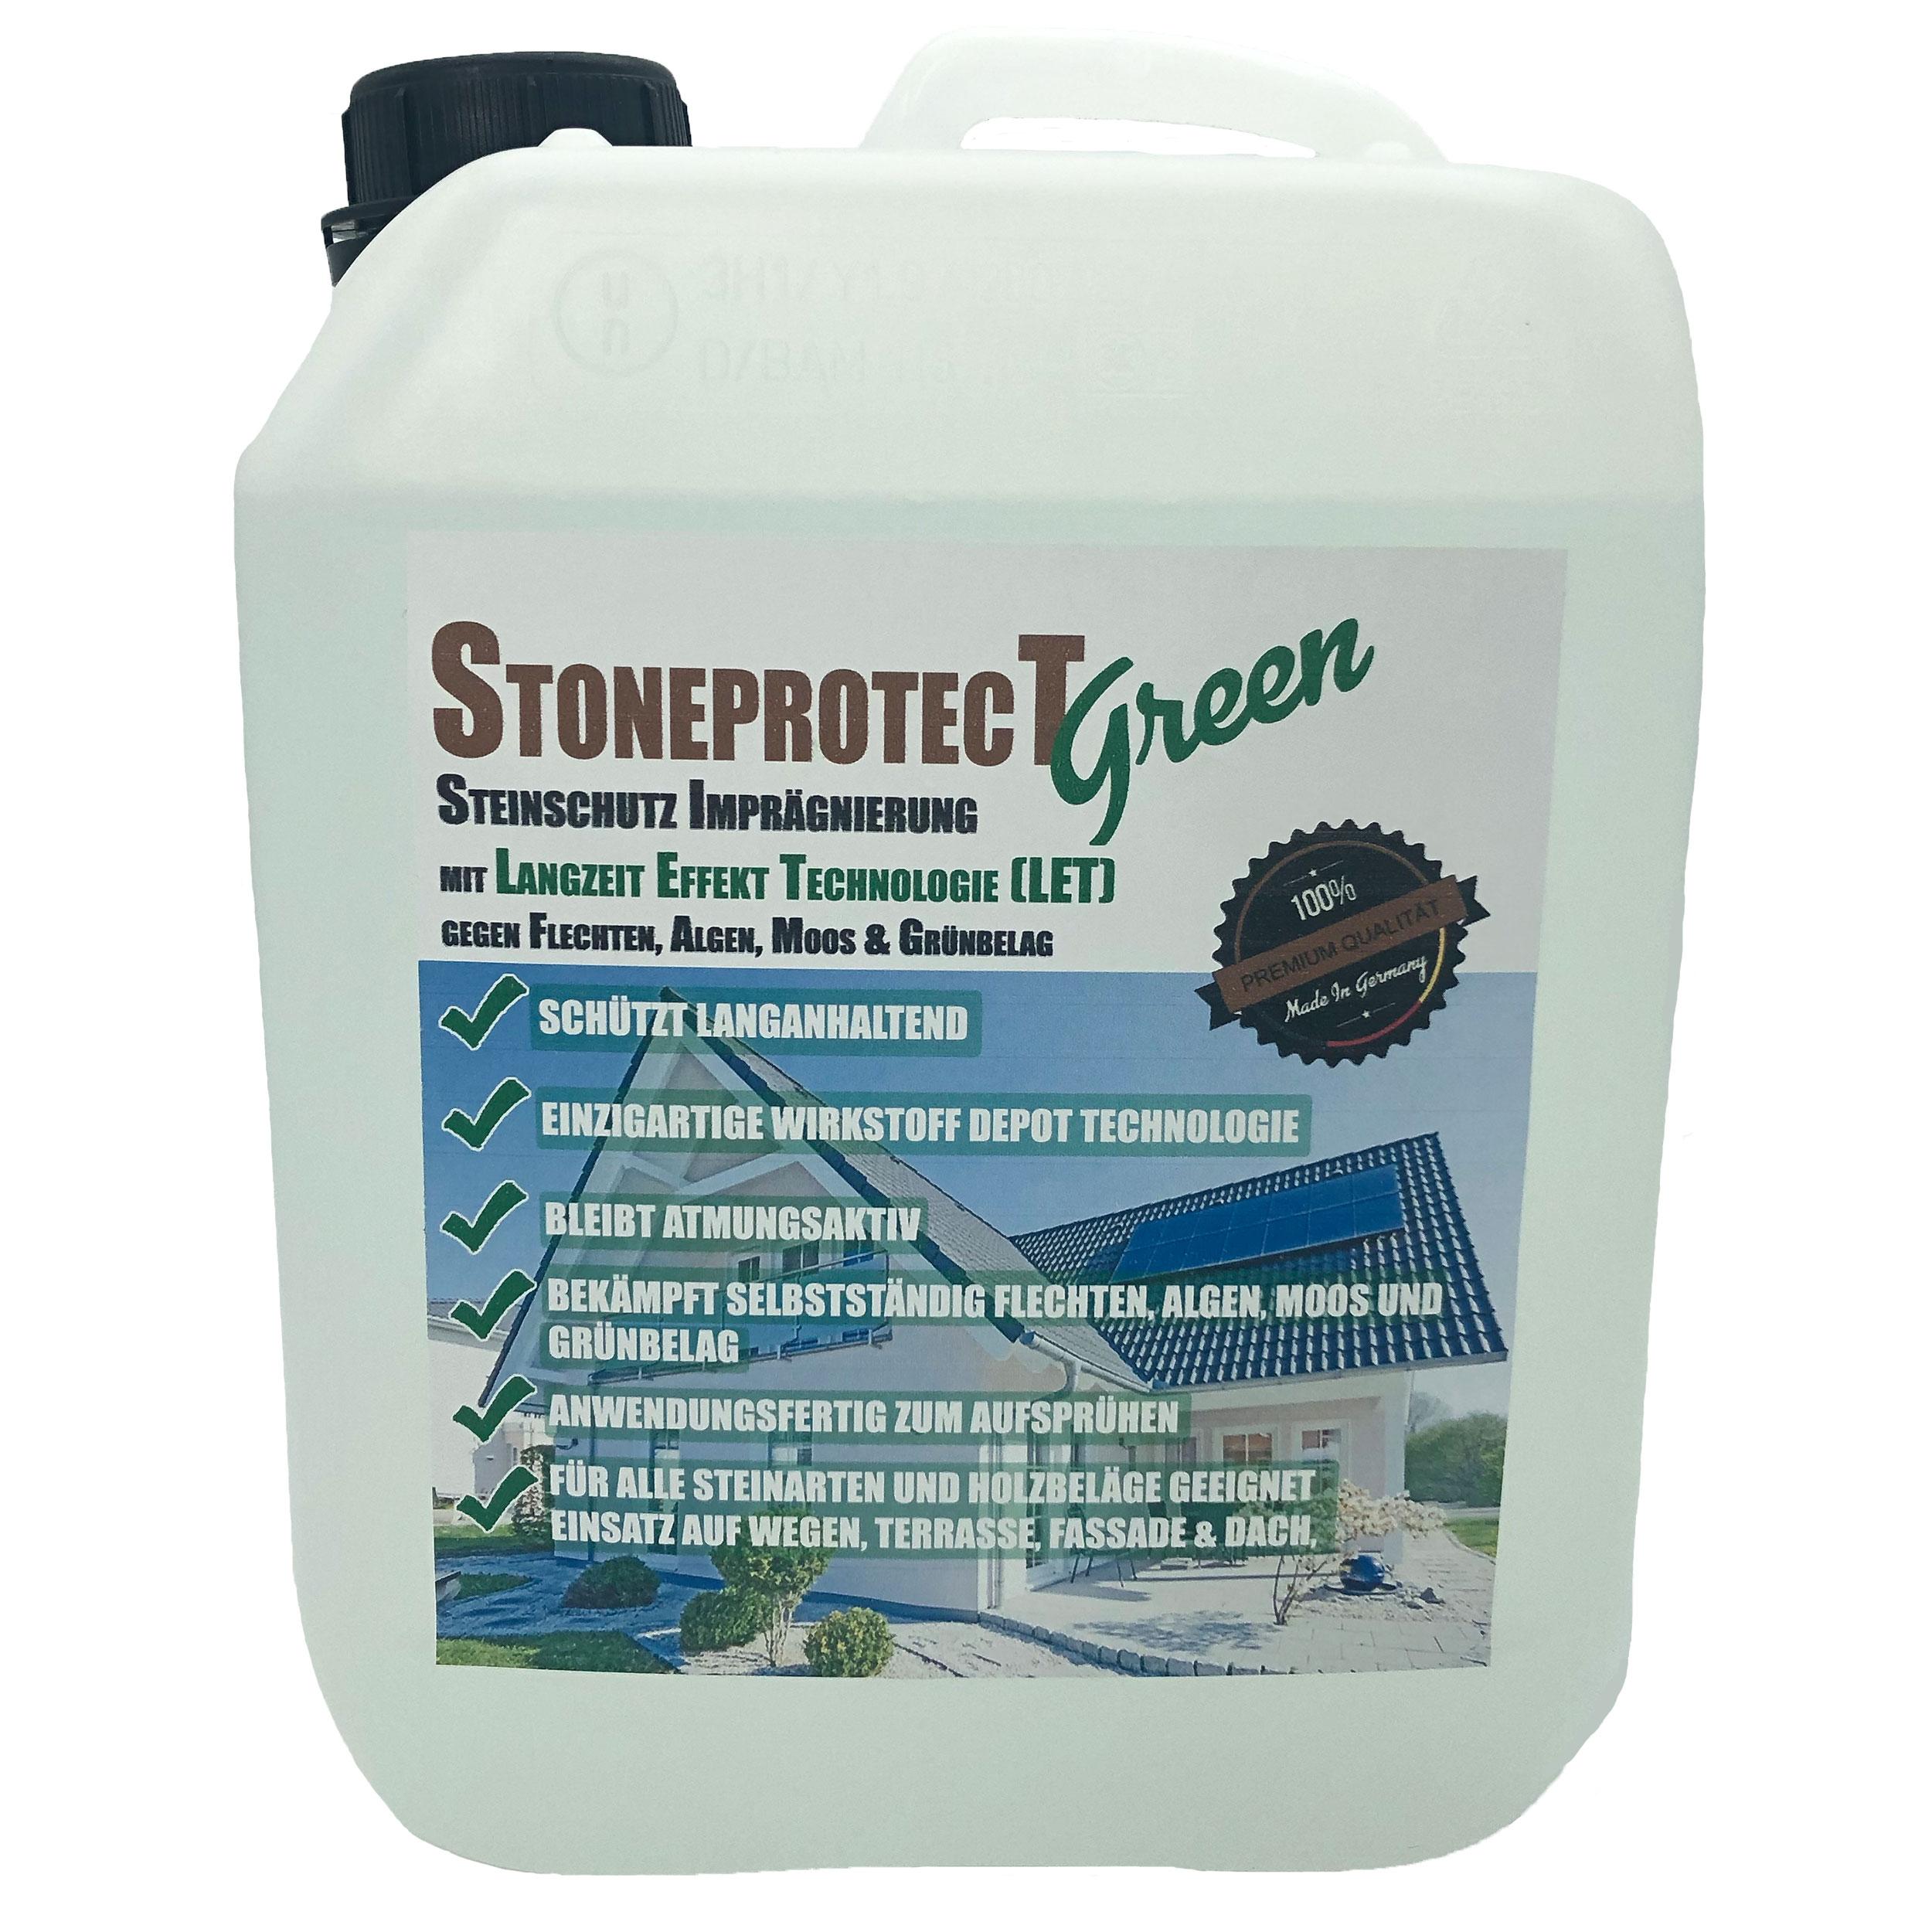 Testsieger Platz 1 Steinimprägnierung 2020 StoneprotecT SPGREEN mit aktivem langzeit Schutz vor Grünbelag, Moos, Algen, Flechten und Schimmerl für alle Stein und Holzarten